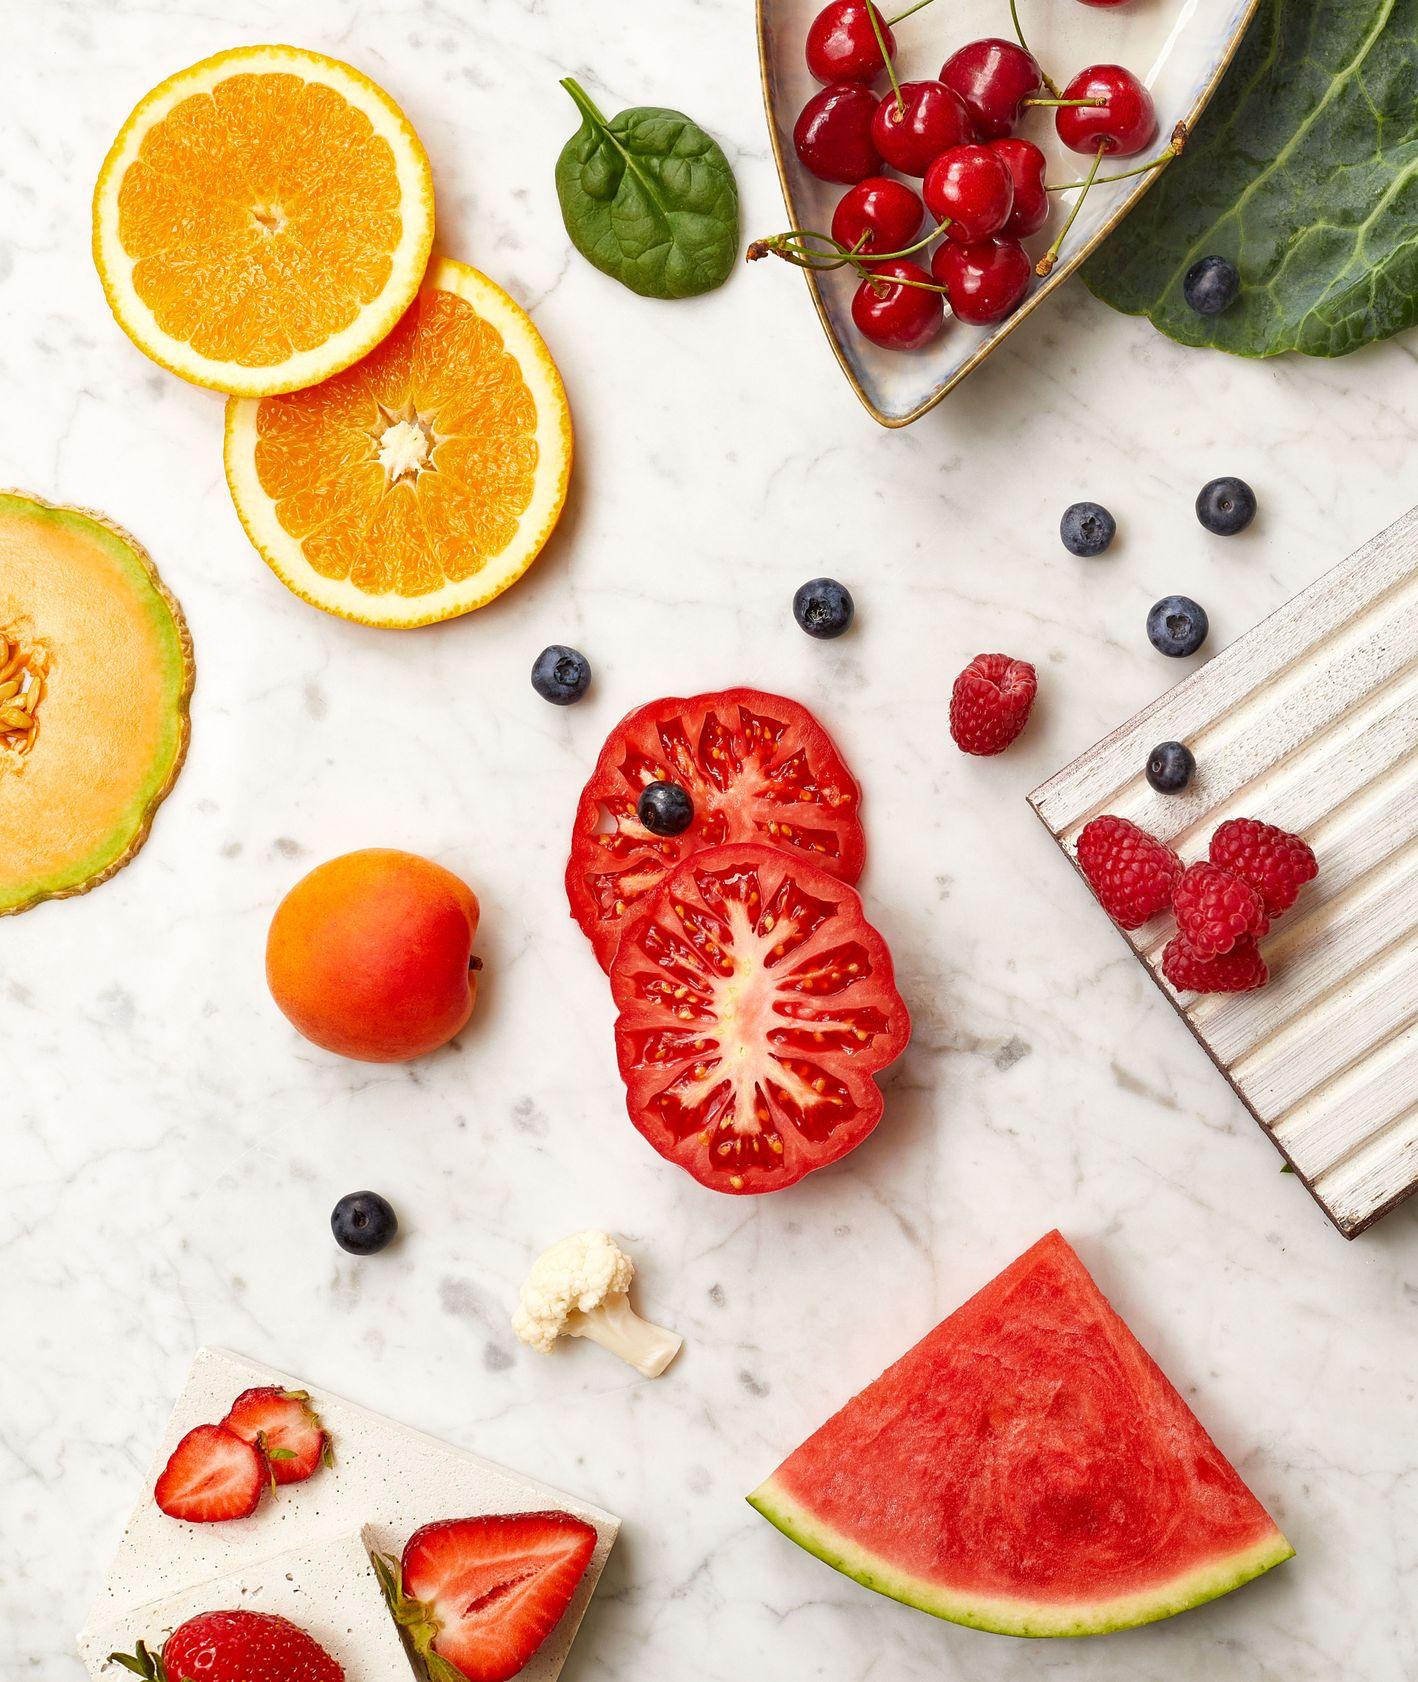 Przepisy na upał. Co jeść w upał. Najlepsze przepisy na ochłodę (fot. Maciek Niemojewski)